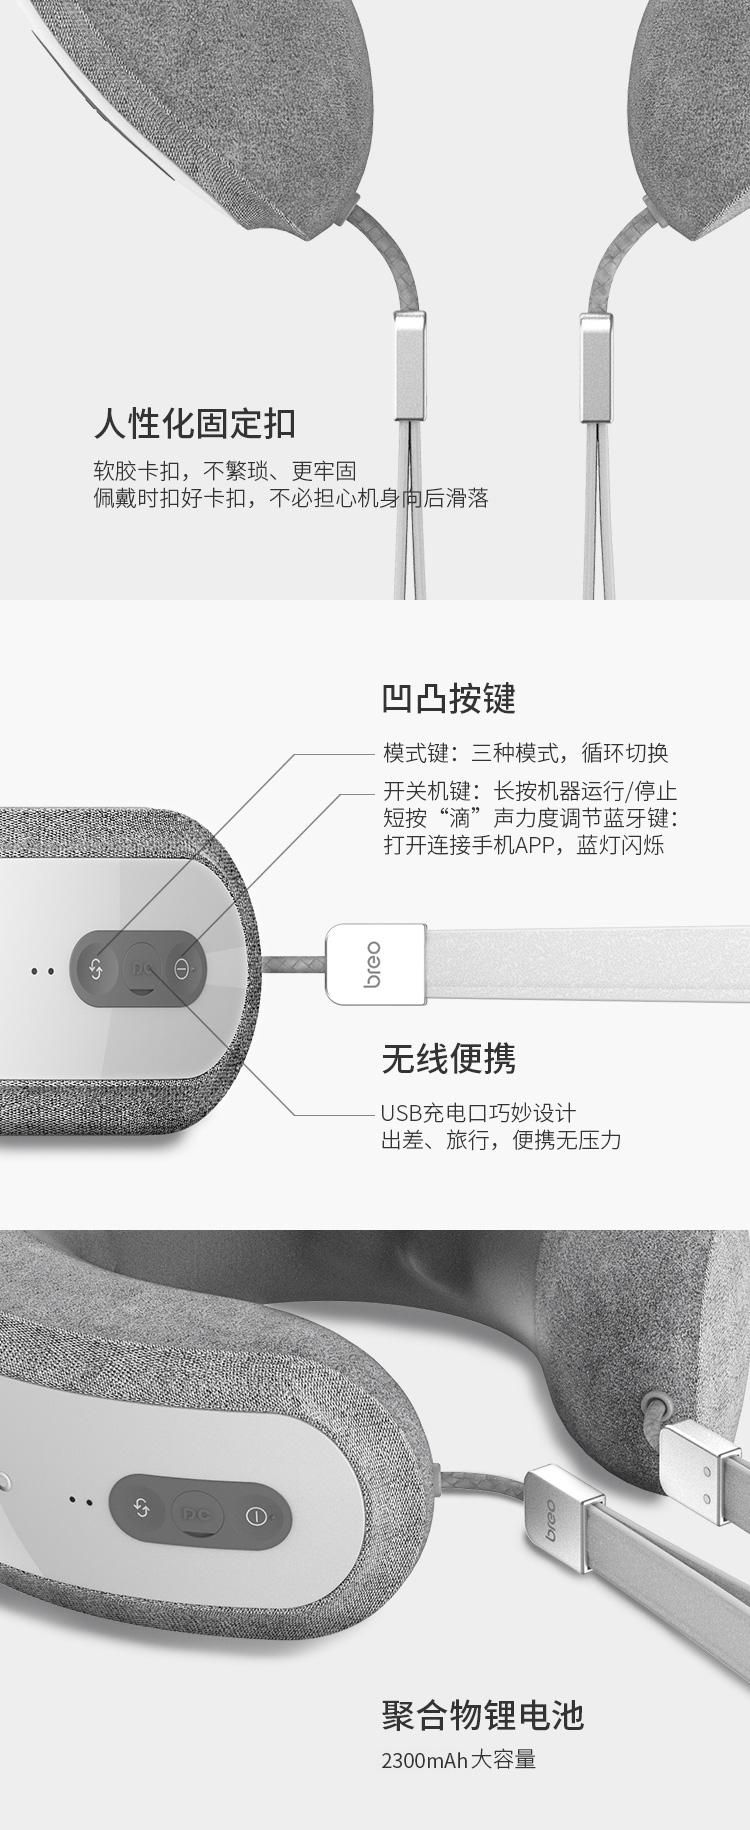 Product_奇妙_breo倍轻松iNeck 3pro颈部颈椎按摩器